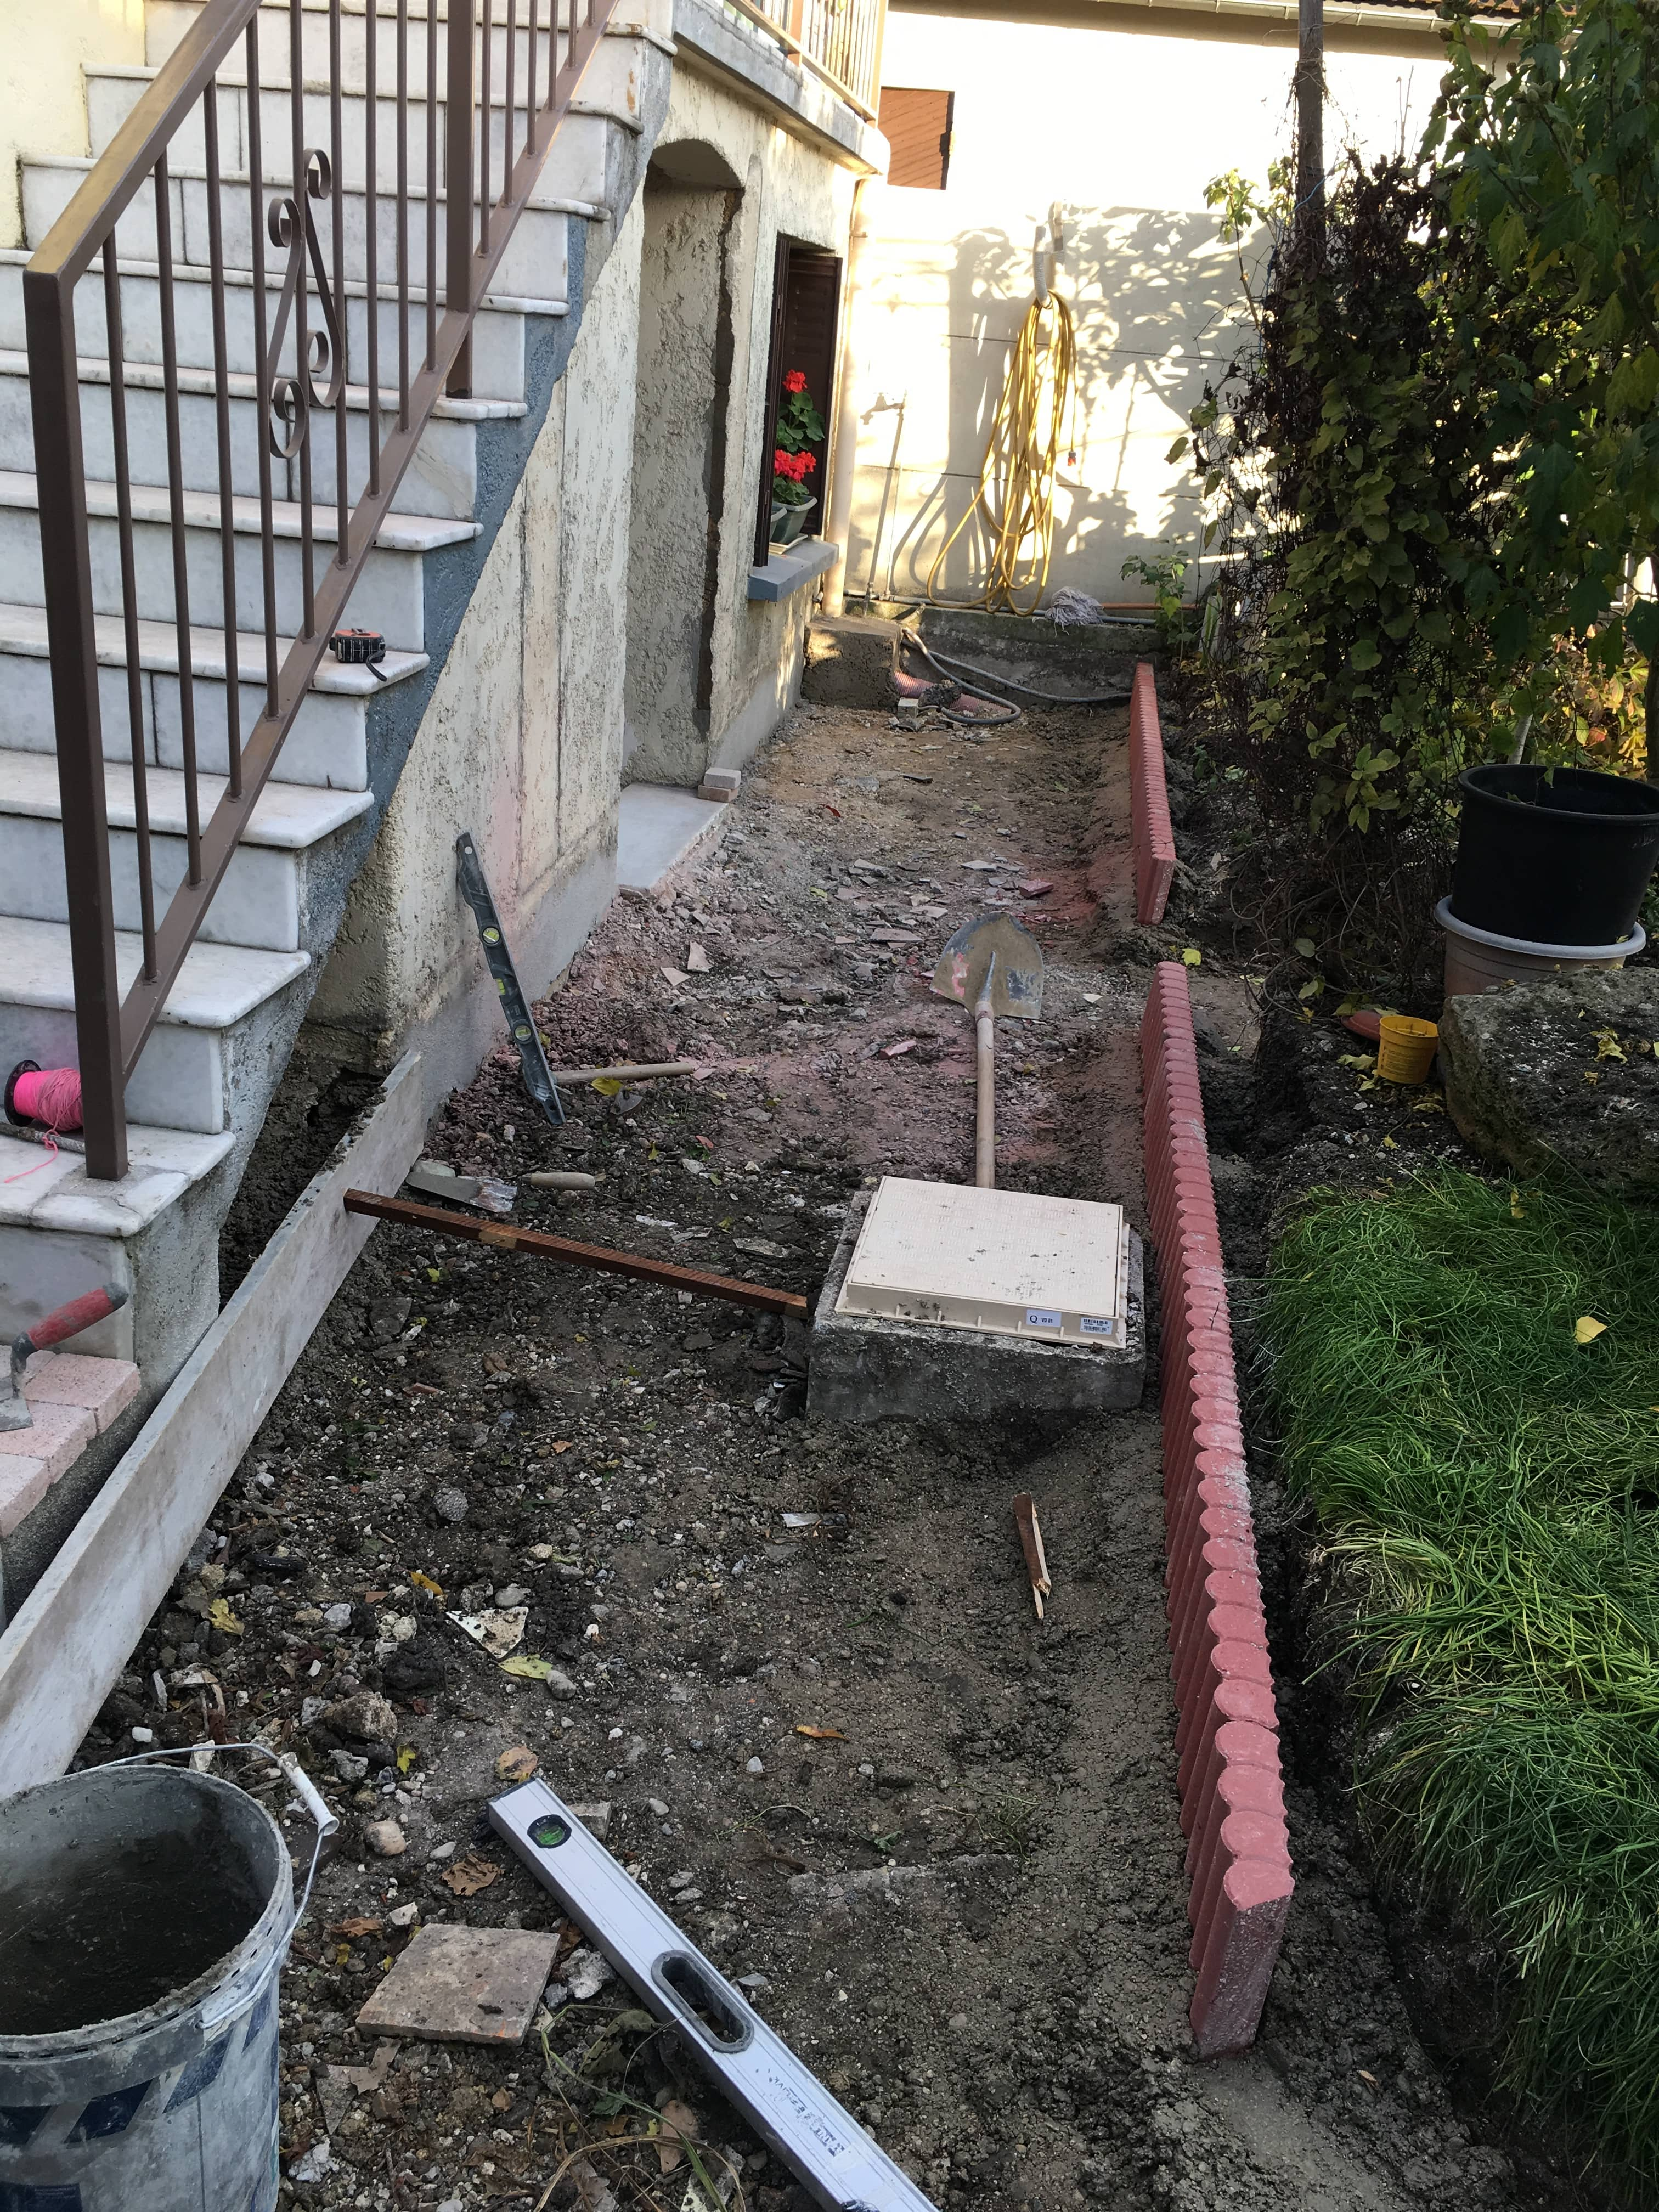 travaux-de-renovation-beton-decoratif-lave-desactive-graviers-galets-demolition-amenagement-exterieur-1.4-maghawry-texas-batiment-rge-min